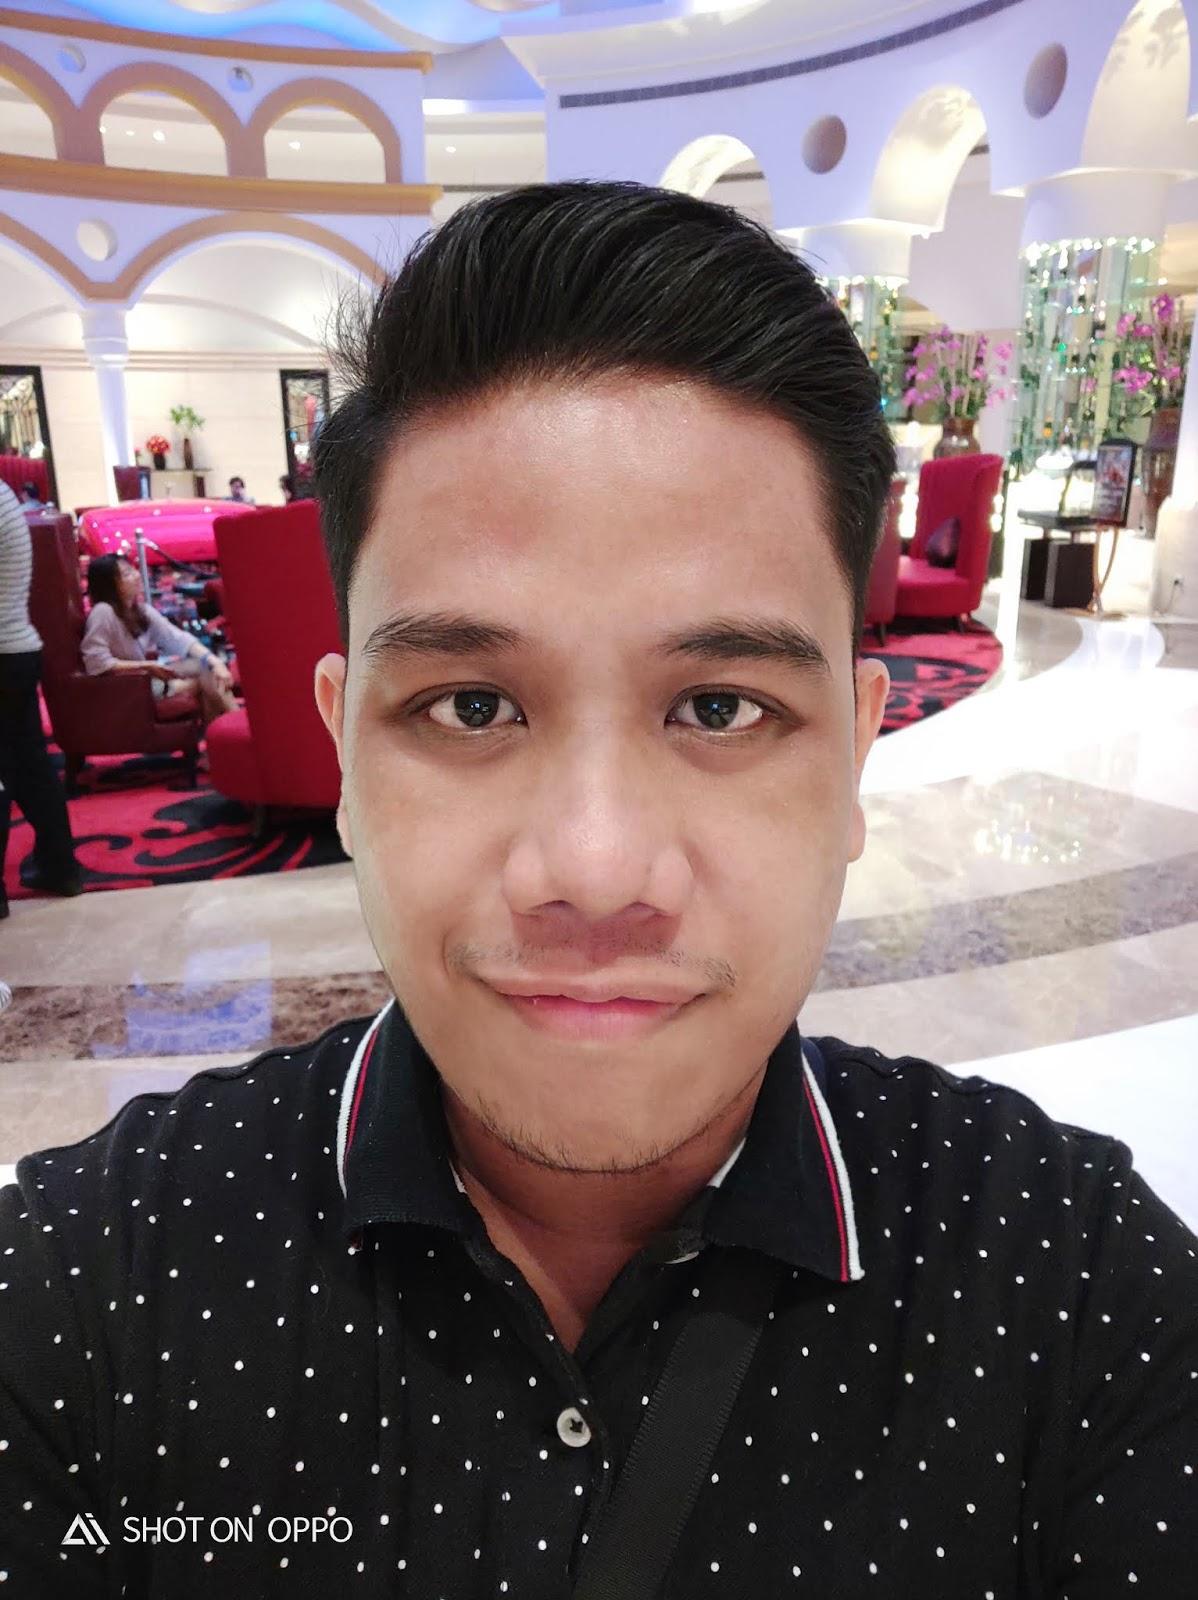 OPPO R17 Pro Selfie